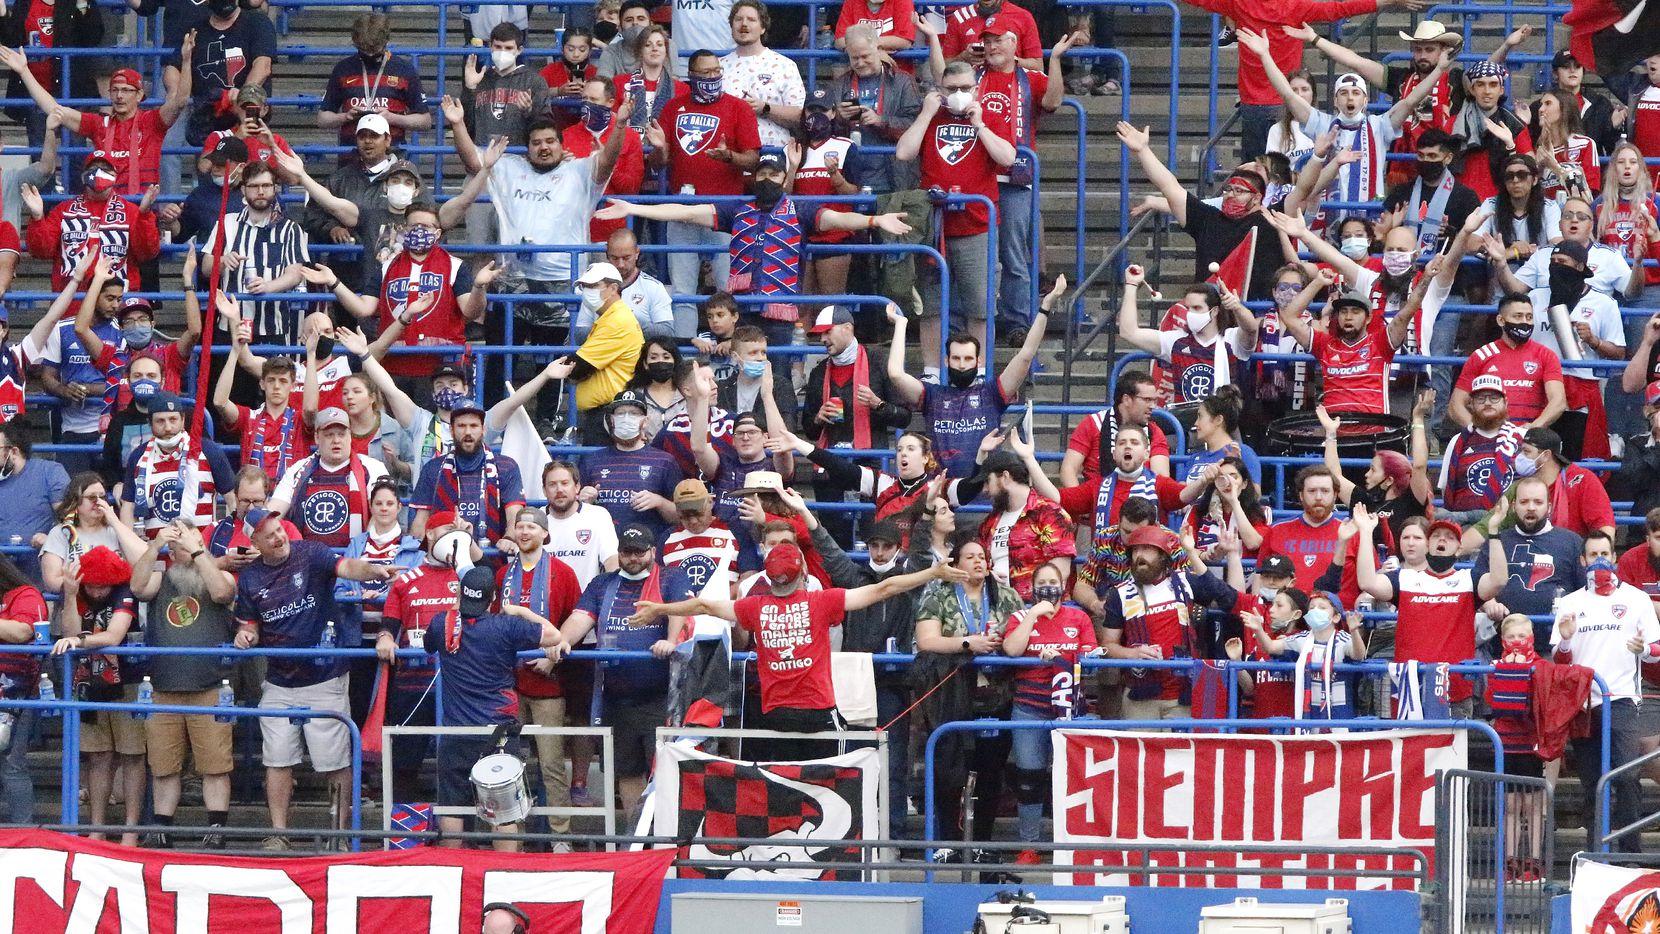 Seguidores del FC Dallas apoyan al equipo en su juego del 1 de mayo contra los Timbers de Portland en el Toyota Stadium de Frisco.